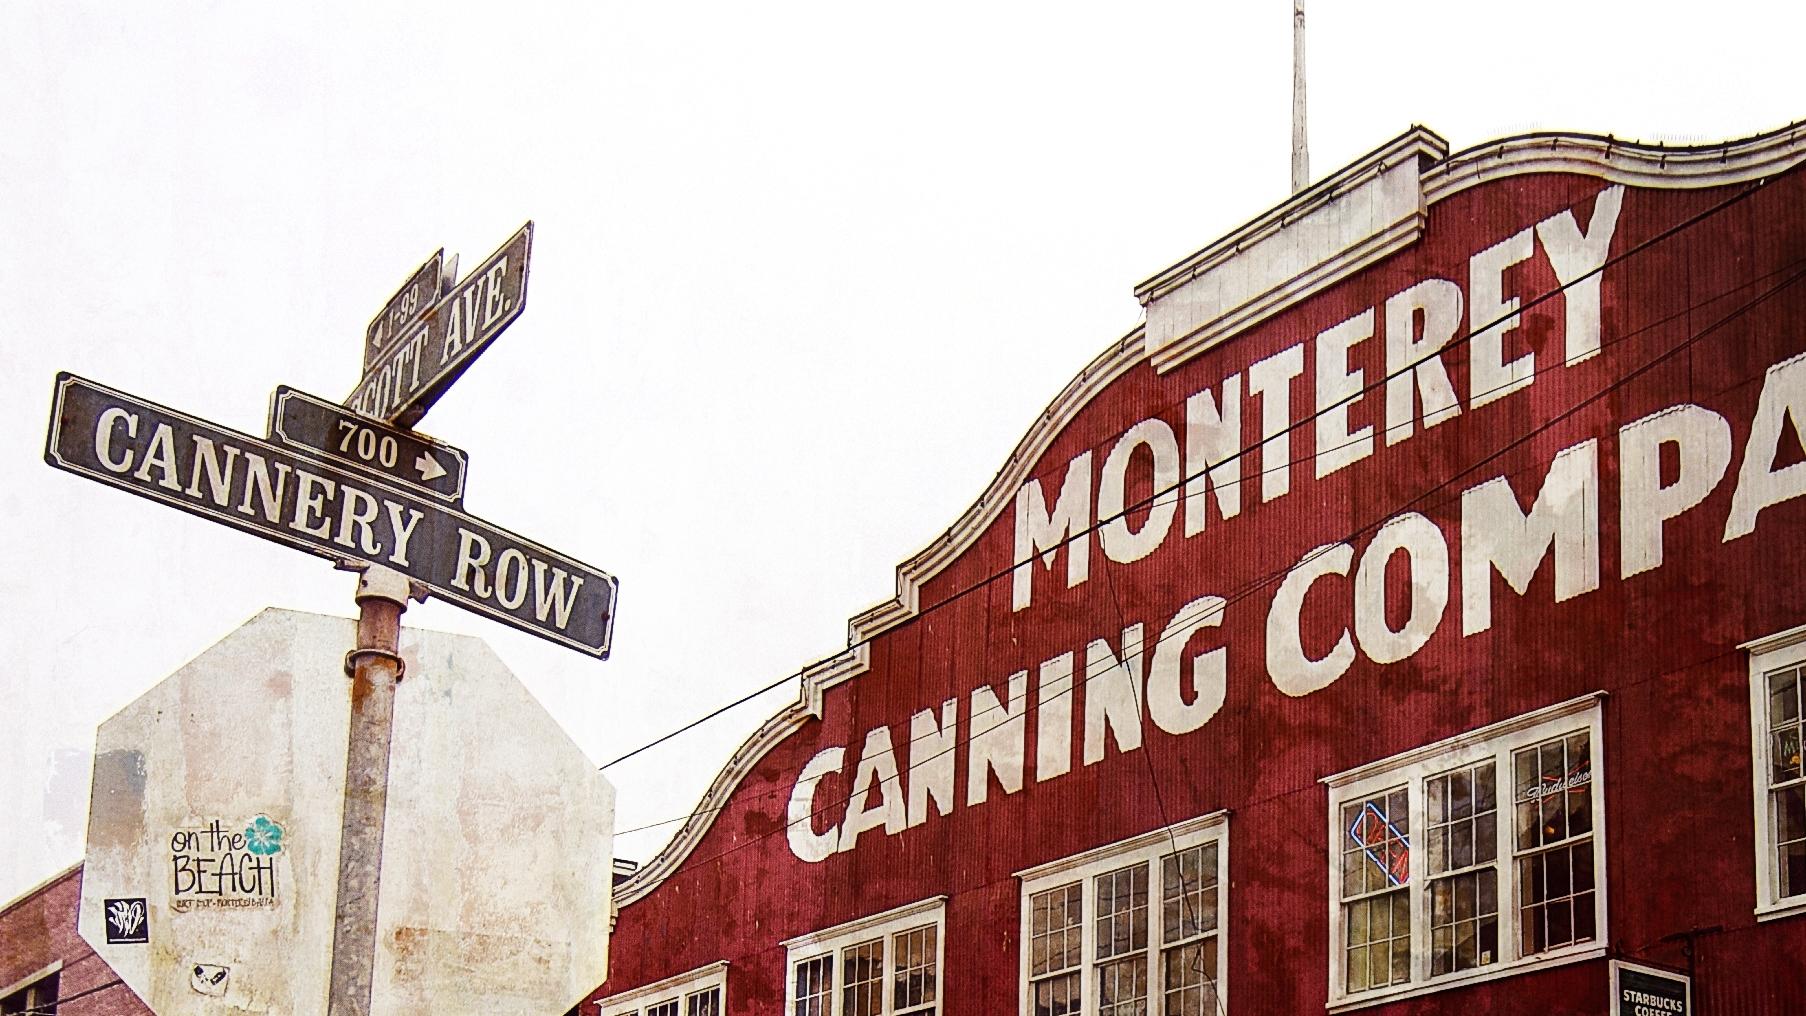 In der Cannery Row in Monterey boomte in der ersten Hälfte des 10. Jahrhunderts die Produktion von Ölsardinen.